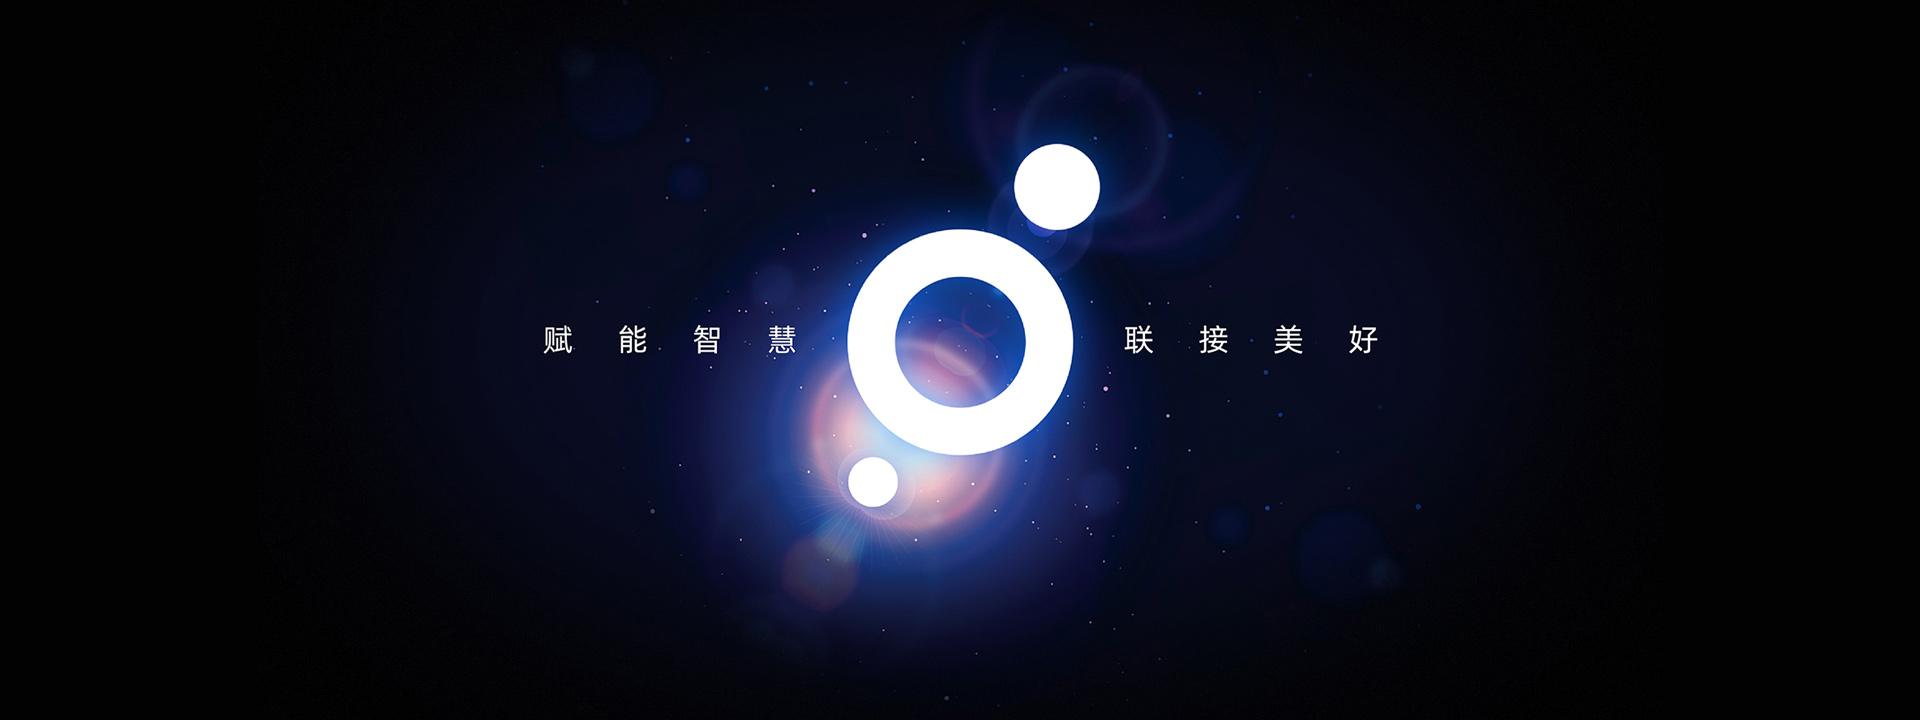 宏凱(kai)運通(tong)VI設計,深圳LOGO設計,品牌設計